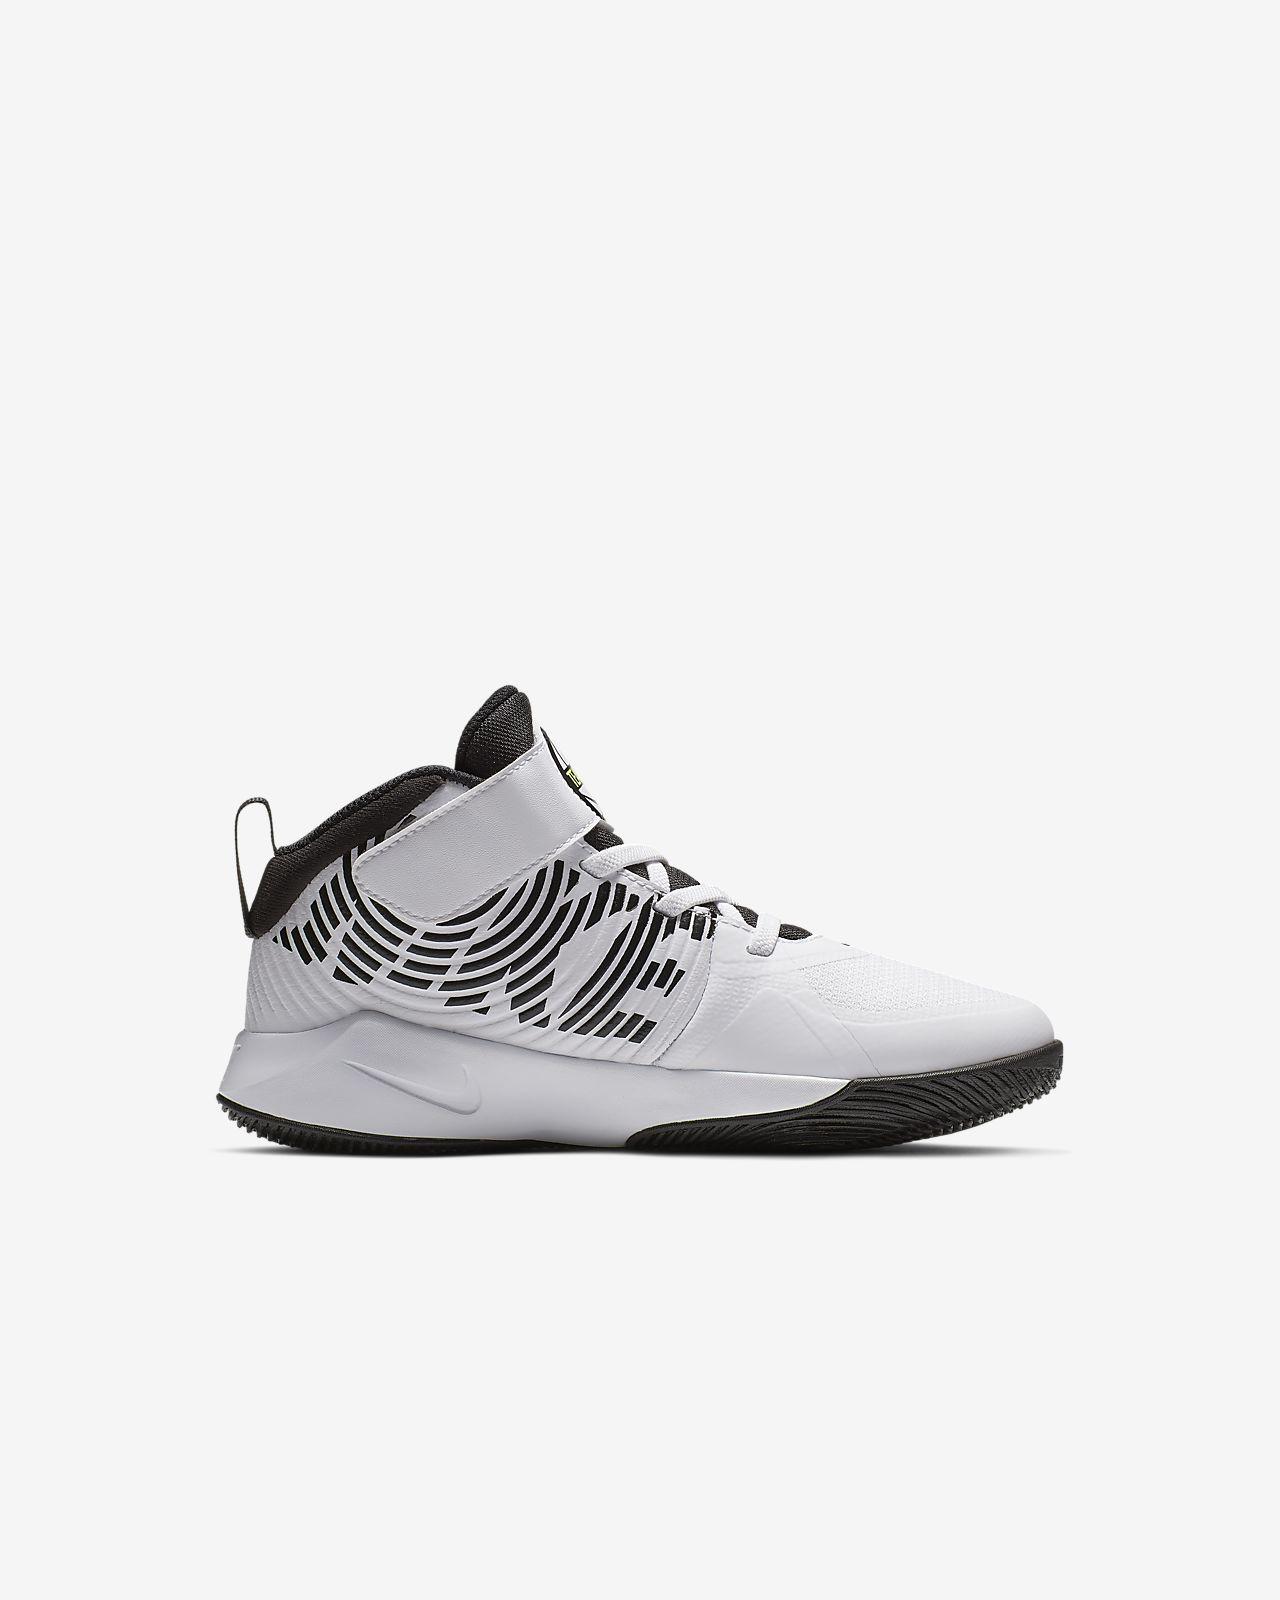 brand new 7e8e4 2e7e7 ... Chaussure Nike Team Hustle D 9 pour Jeune enfant